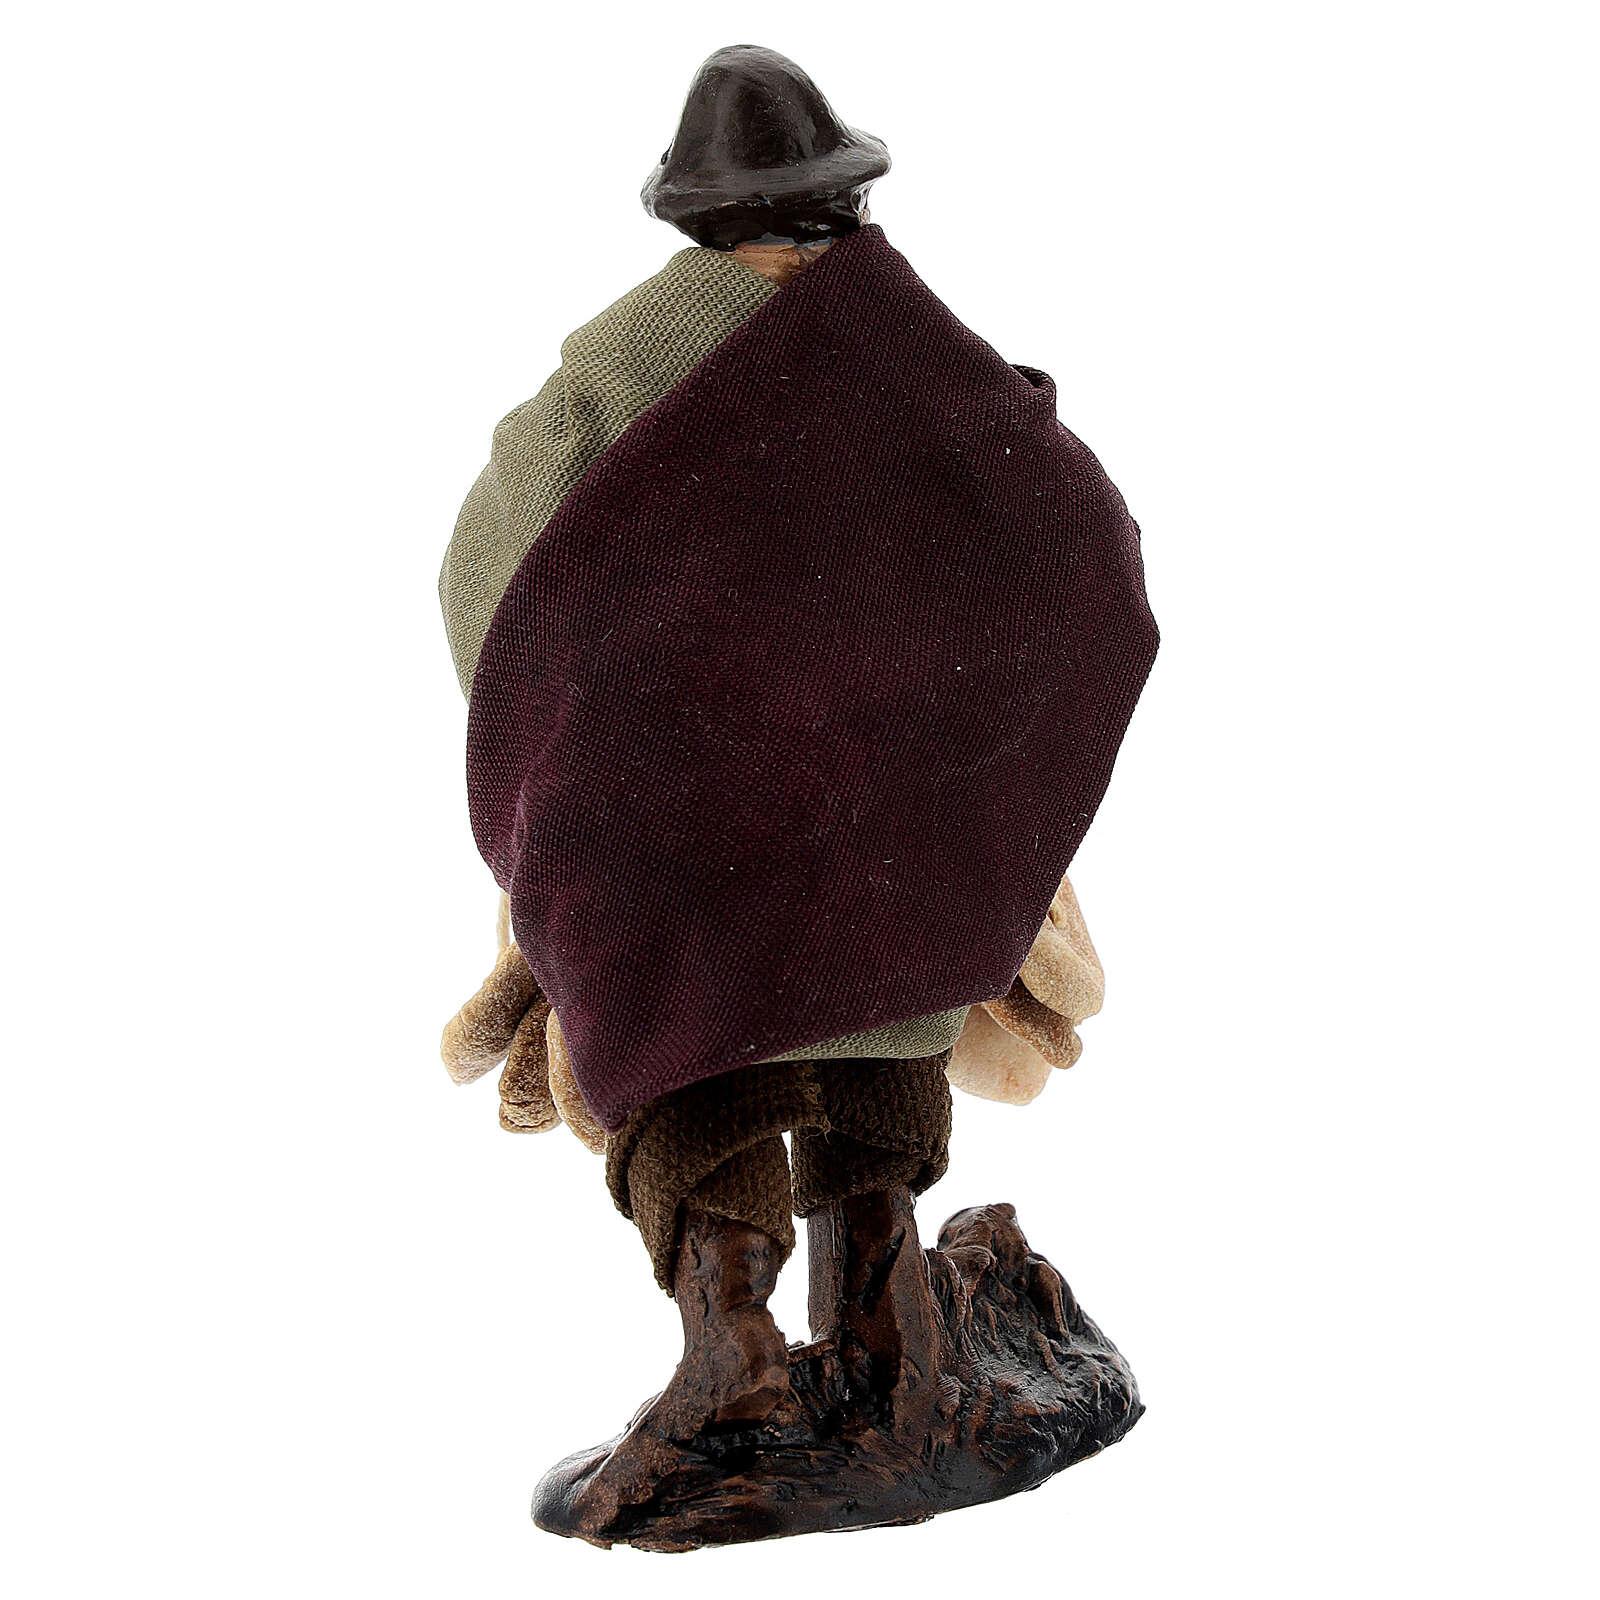 Uomo con freselle statua terracotta presepe napoletano 8 cm 4